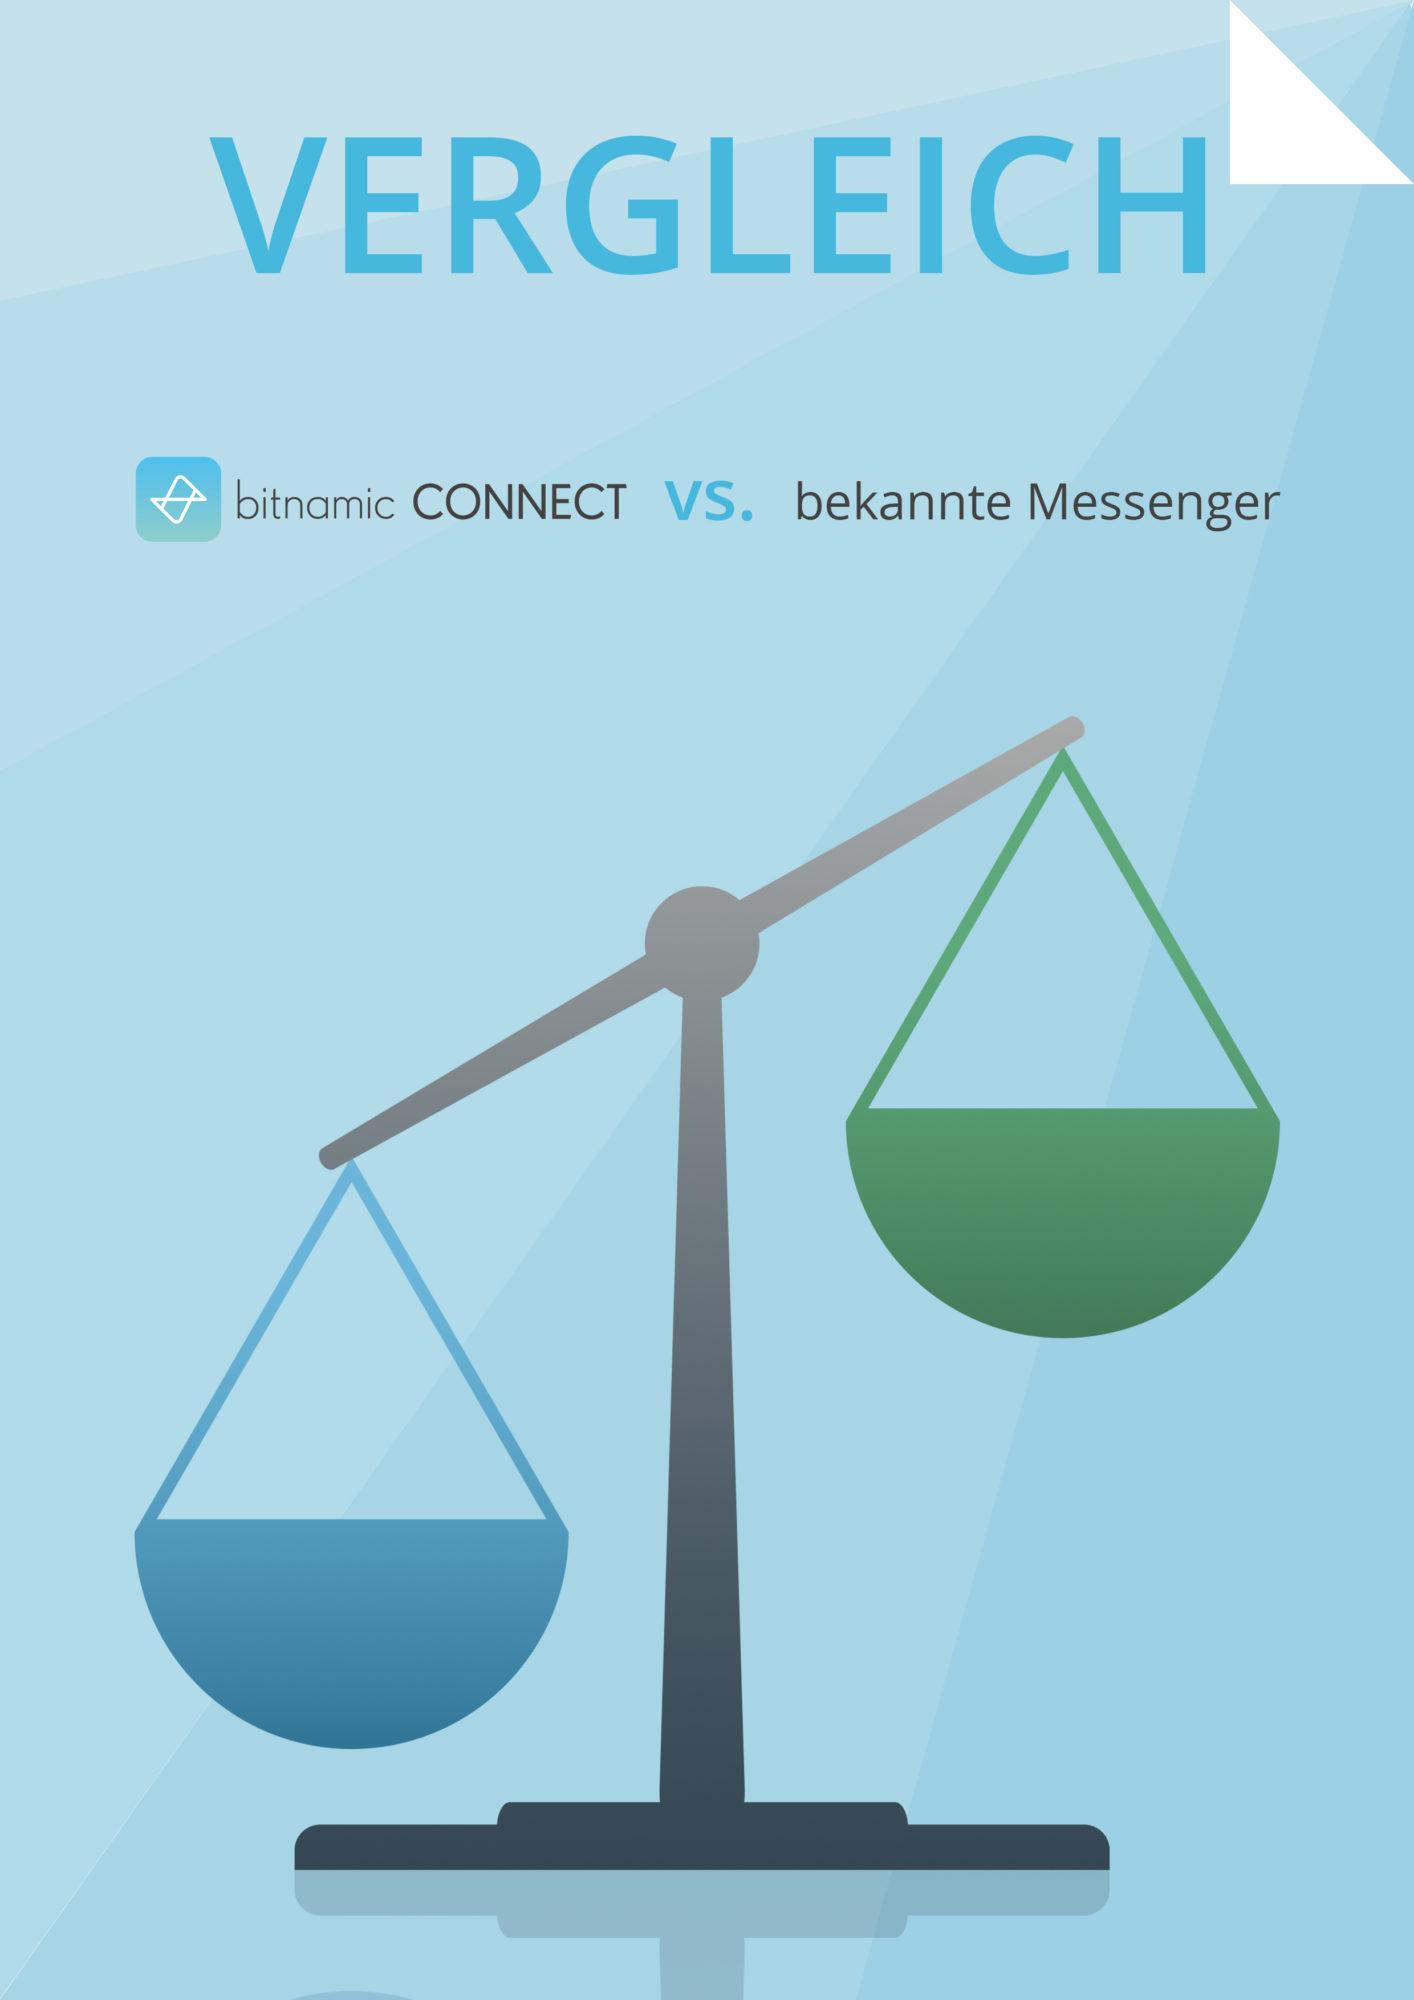 Vergleich bitnamic CONNECT vs Messenger